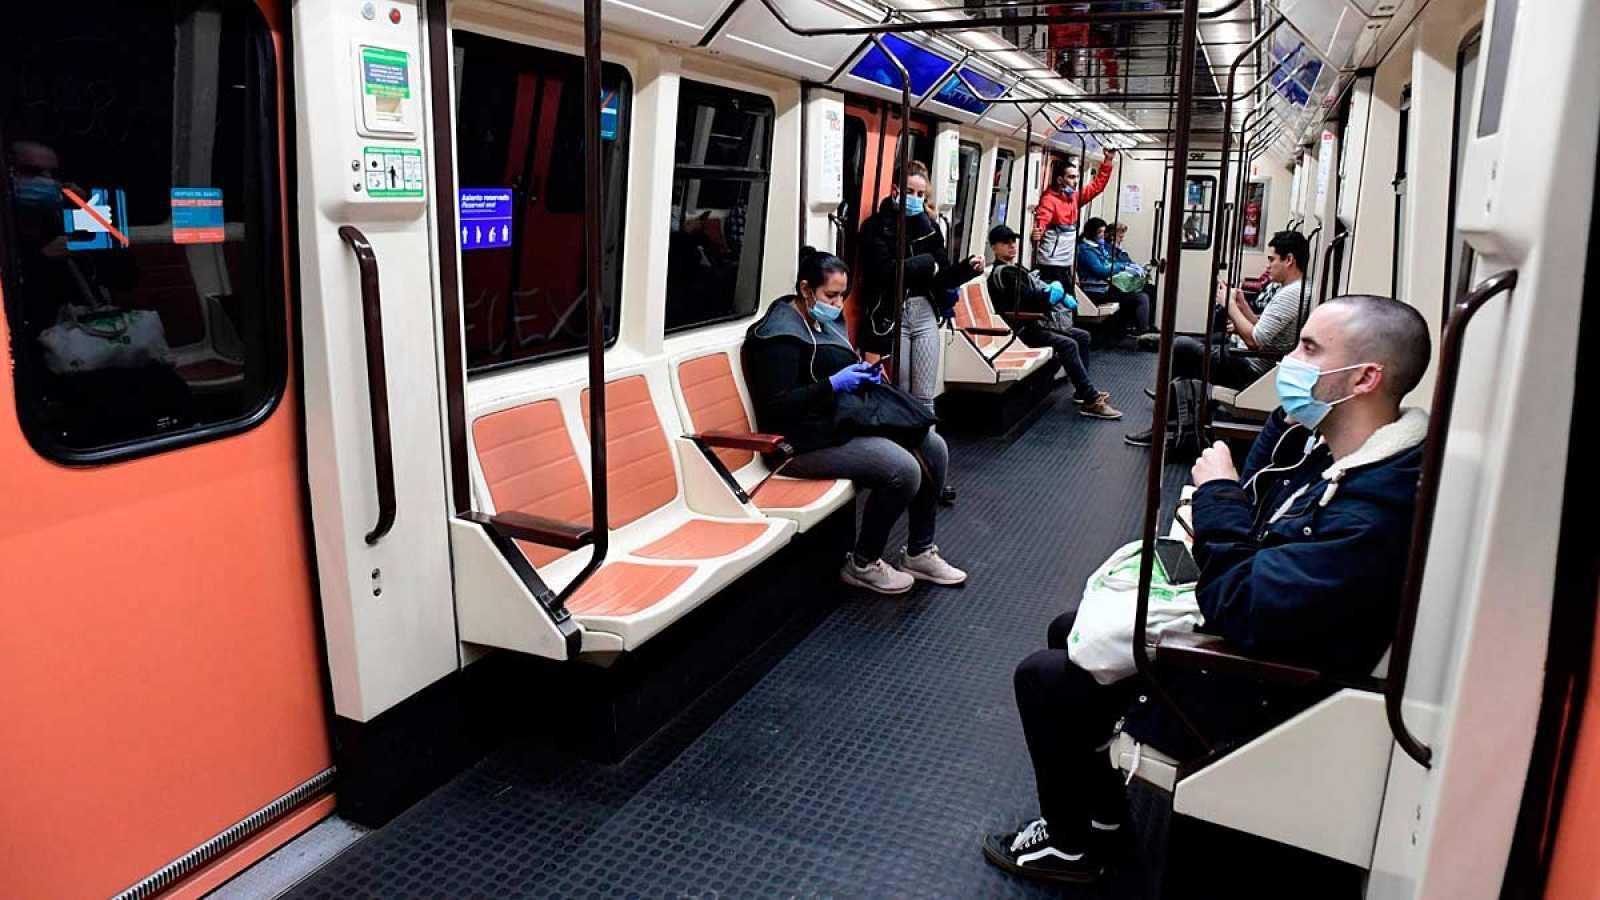 Un vagón del metro de madrid durante la jornada en la que se ha reanudado el trabajo en algunos sectores no esenciales. Ha habido poca ocupación.